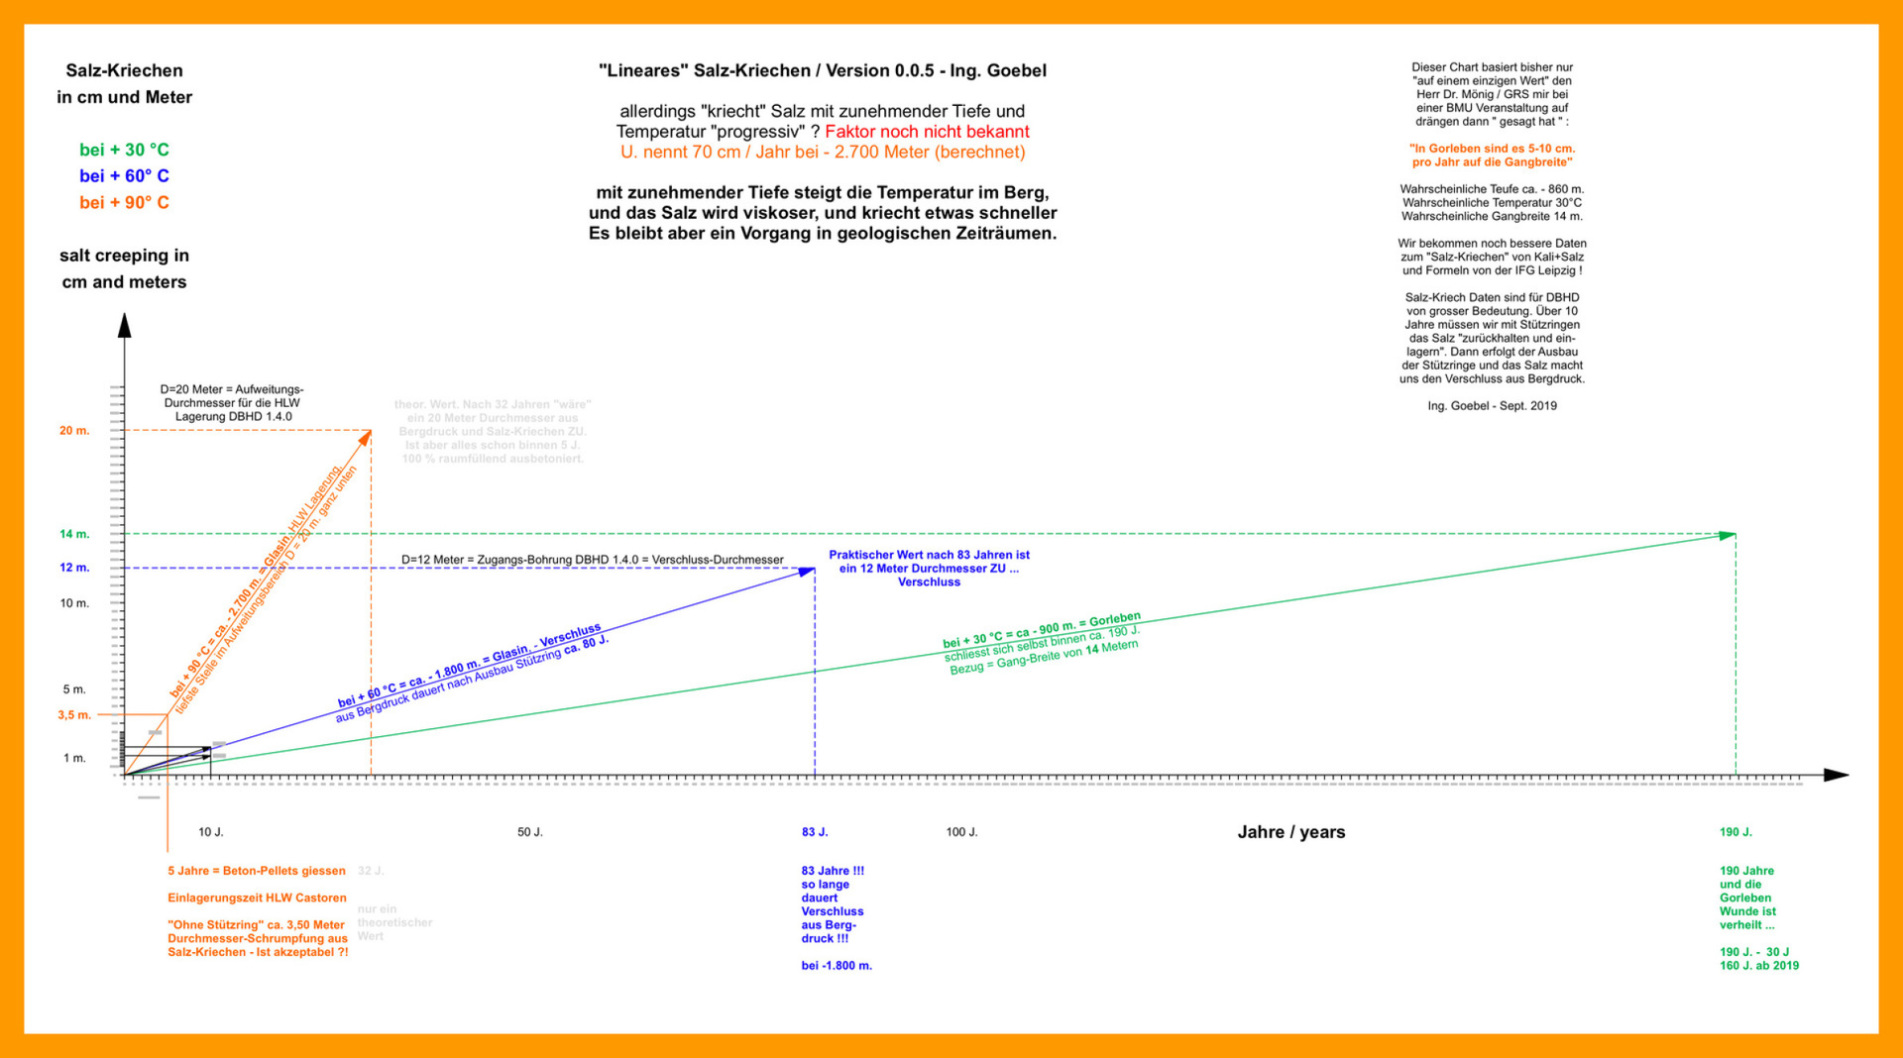 Die berechnete und gemessene Realität - nicht der Chart von Herrn Lux Clausthal